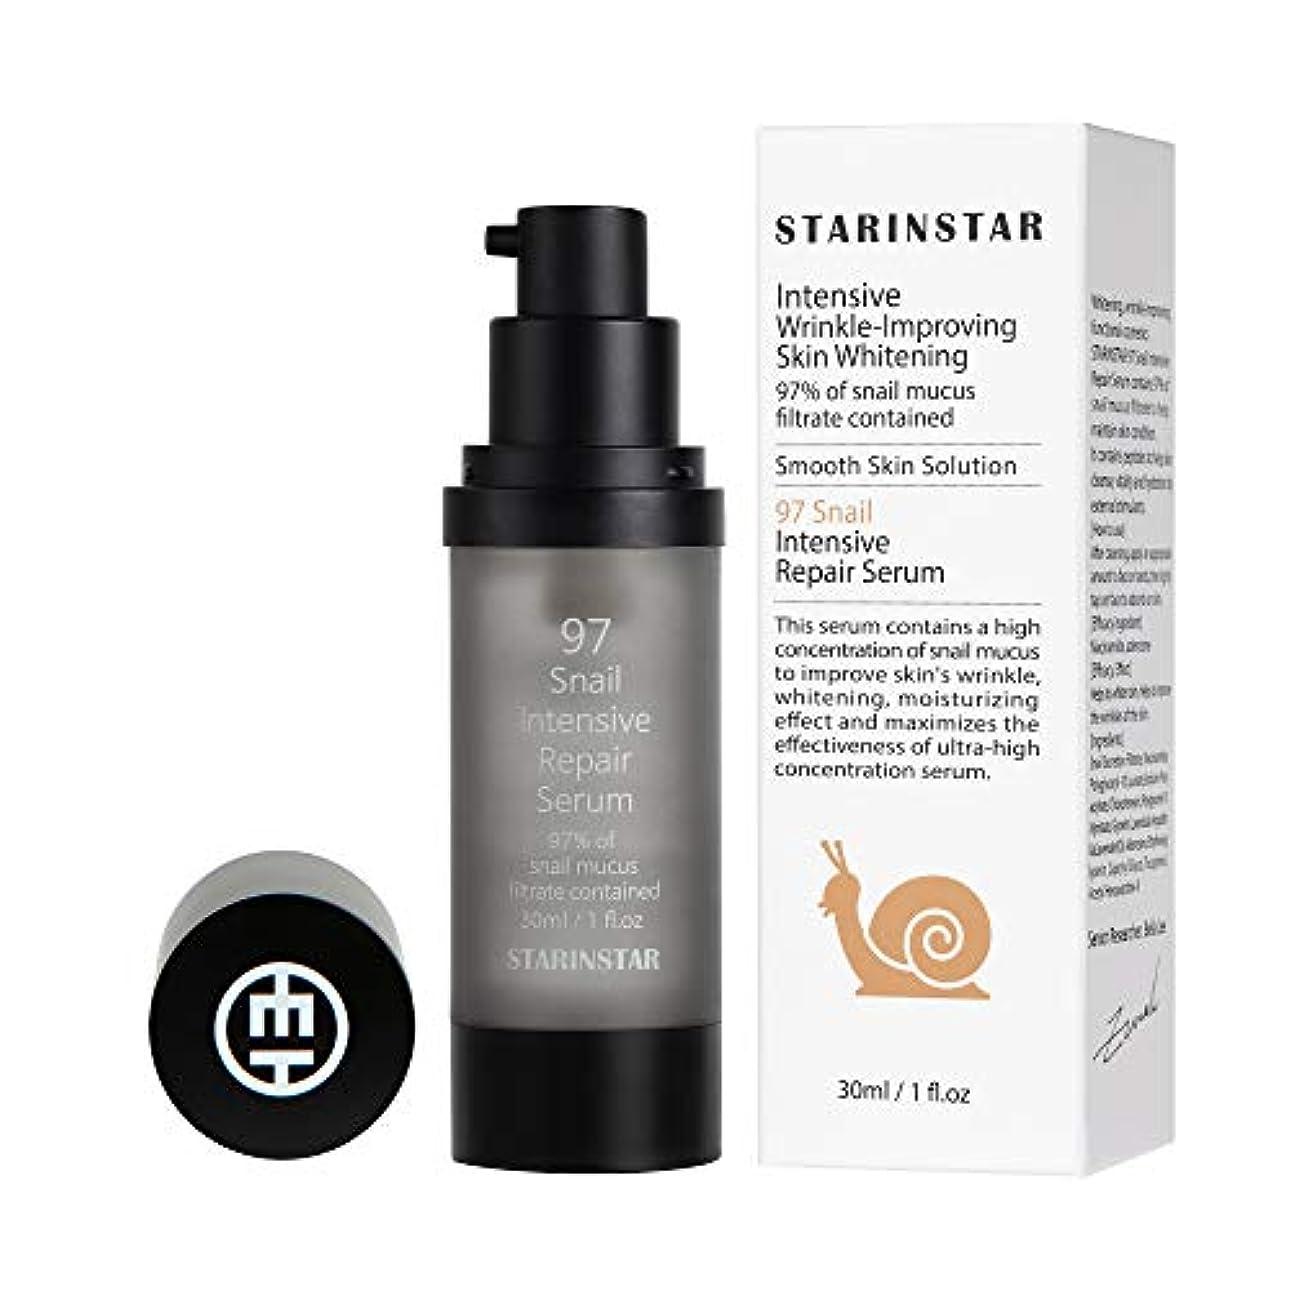 広告かなり固体[STARINSTAR] 97 スネイルインテンシブリペアセラム 、ラベンダー油500ppmおよびペプチド100ppm、鼻汁粘液濾液の97%、30ml / 1fl.oz